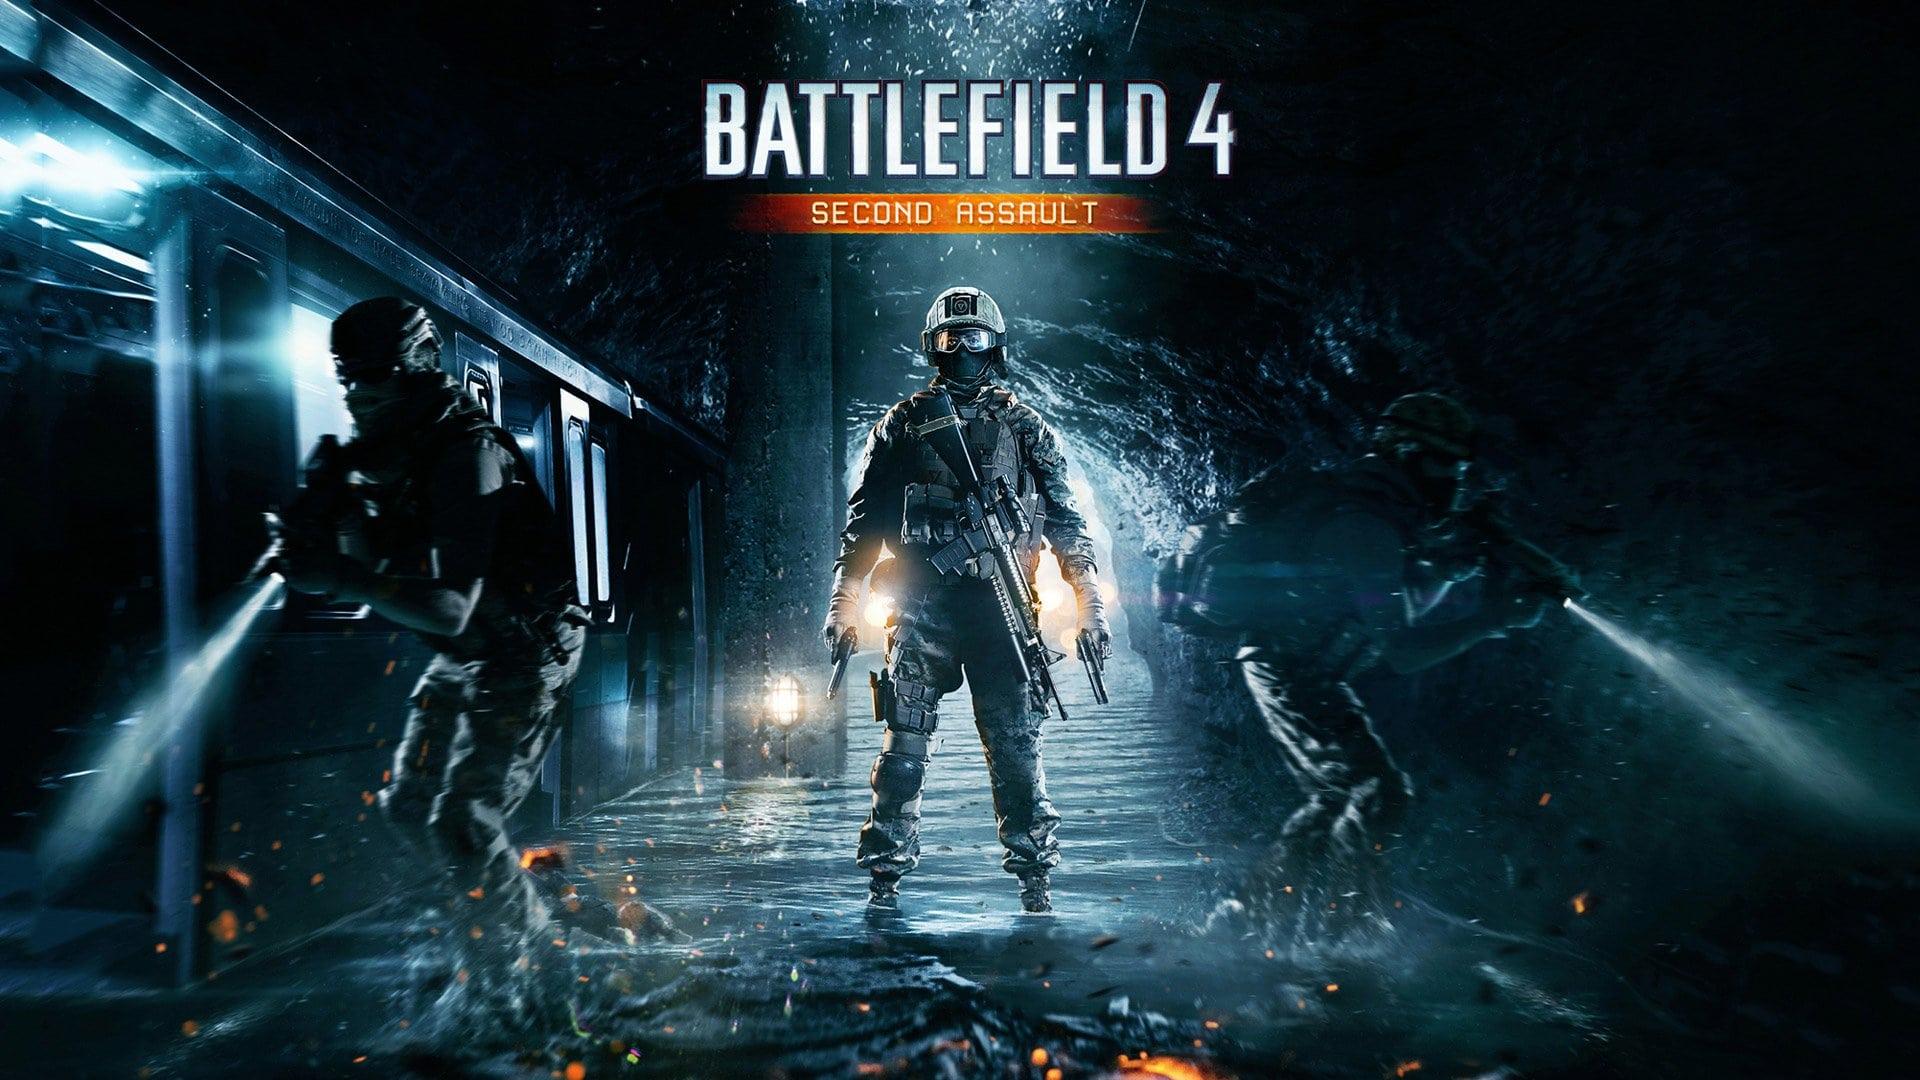 battlefield 4 second assault DLC